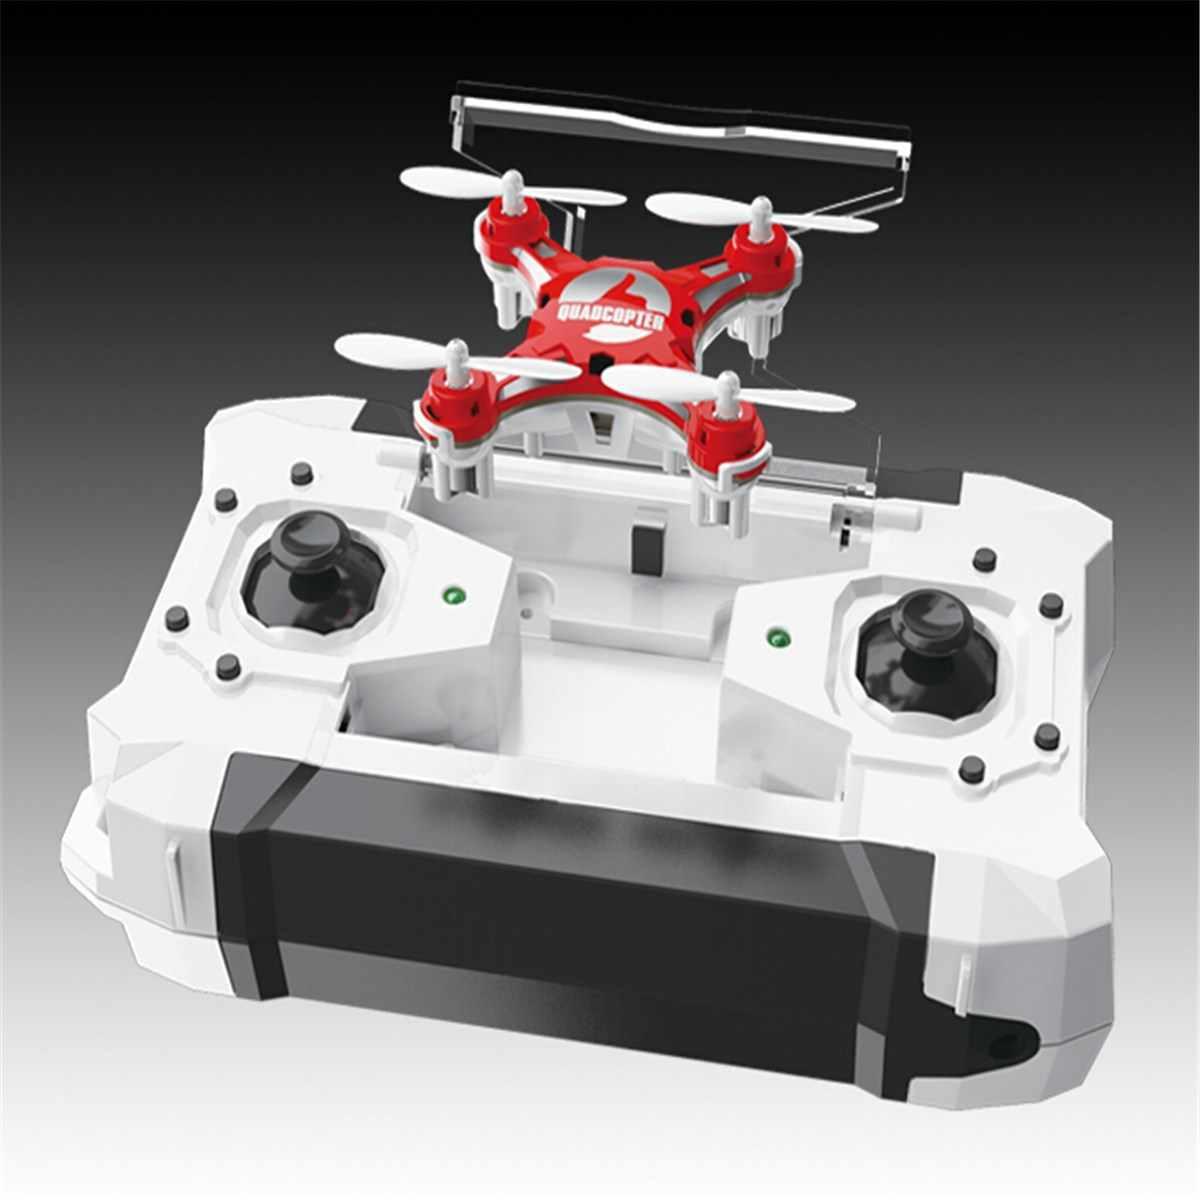 FQ777-124 Drone de bolsillo 4CH 6Axis Gyro Quadcopter con controlador conmutable RTF helicóptero de Control remoto juguetes regalo para niños